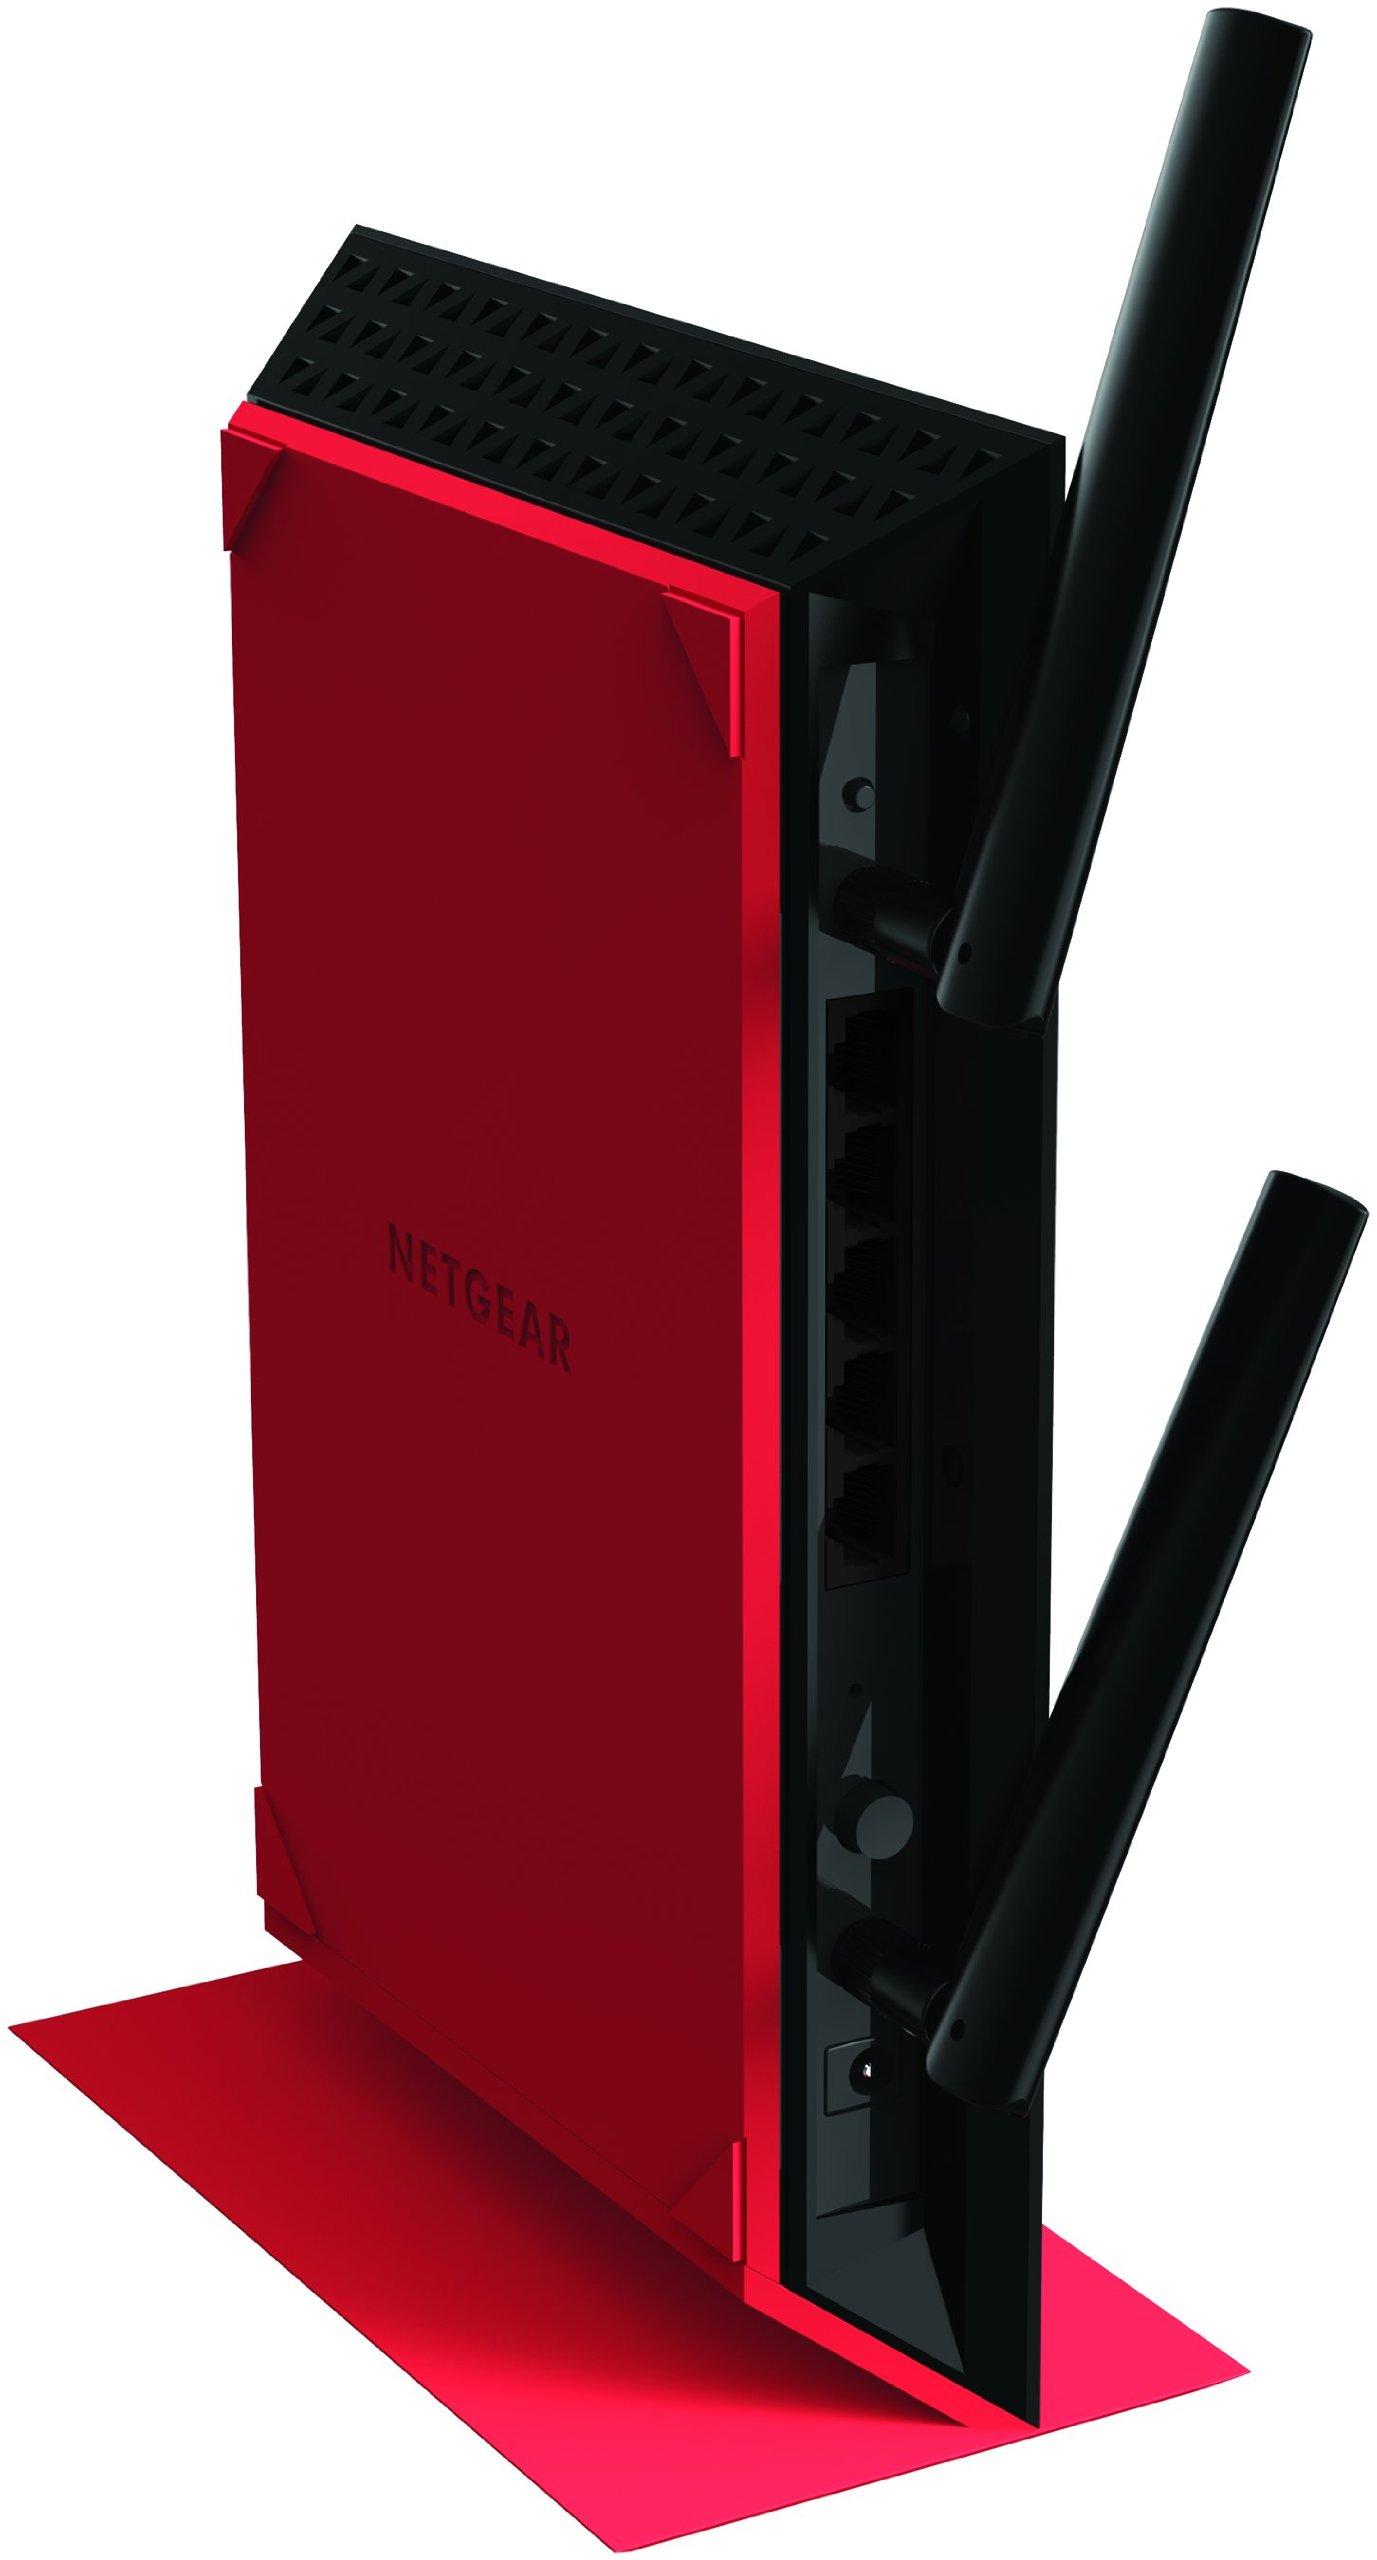 netgear wifi extender ac1200 instructions